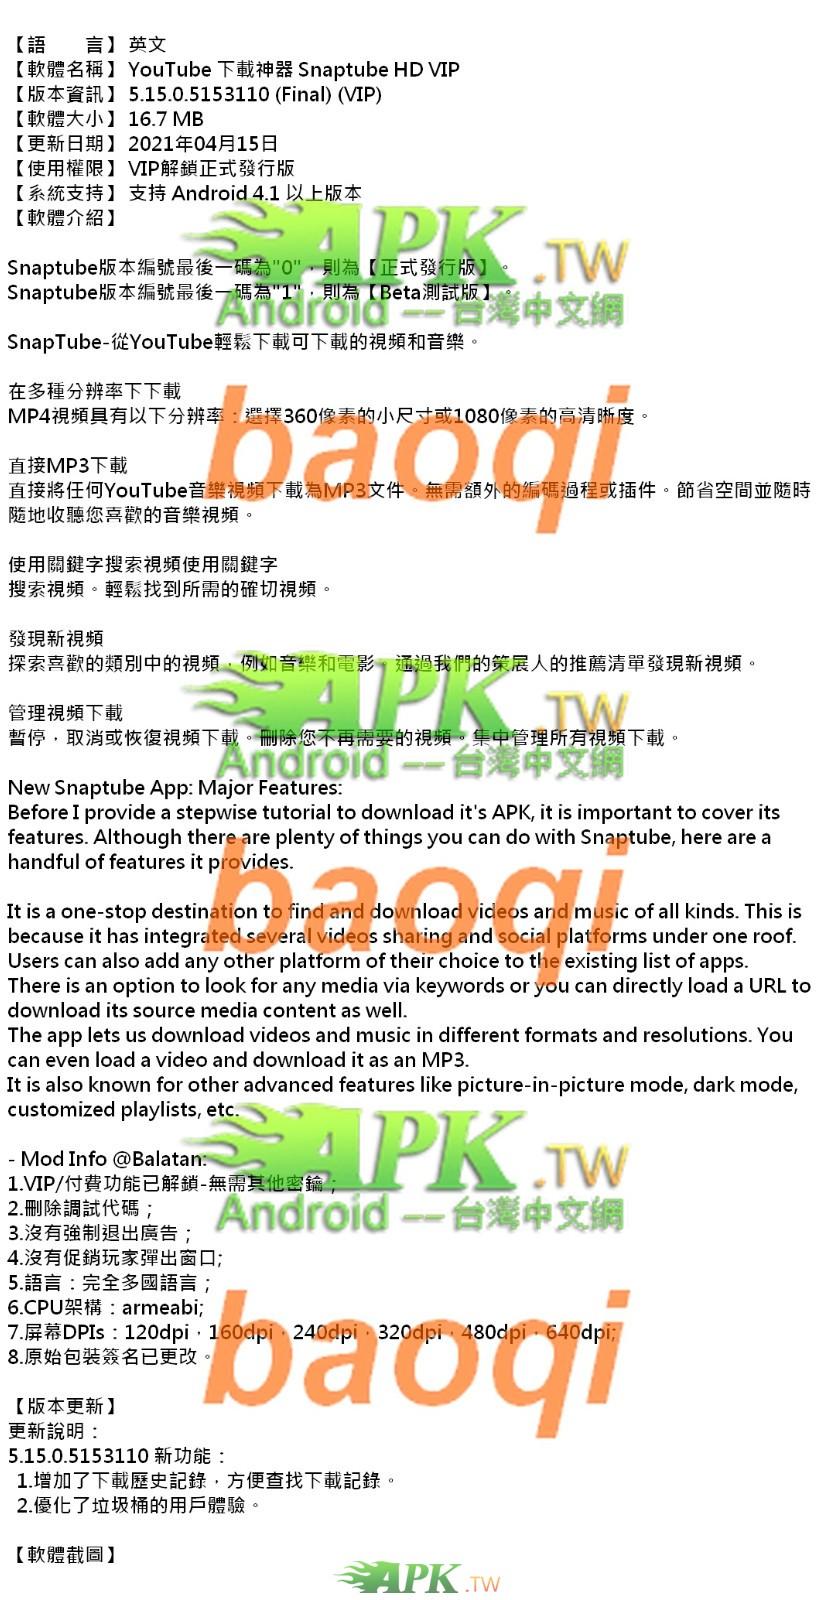 Snaptube_VIP_5.15.0.5153110 APK_.jpg